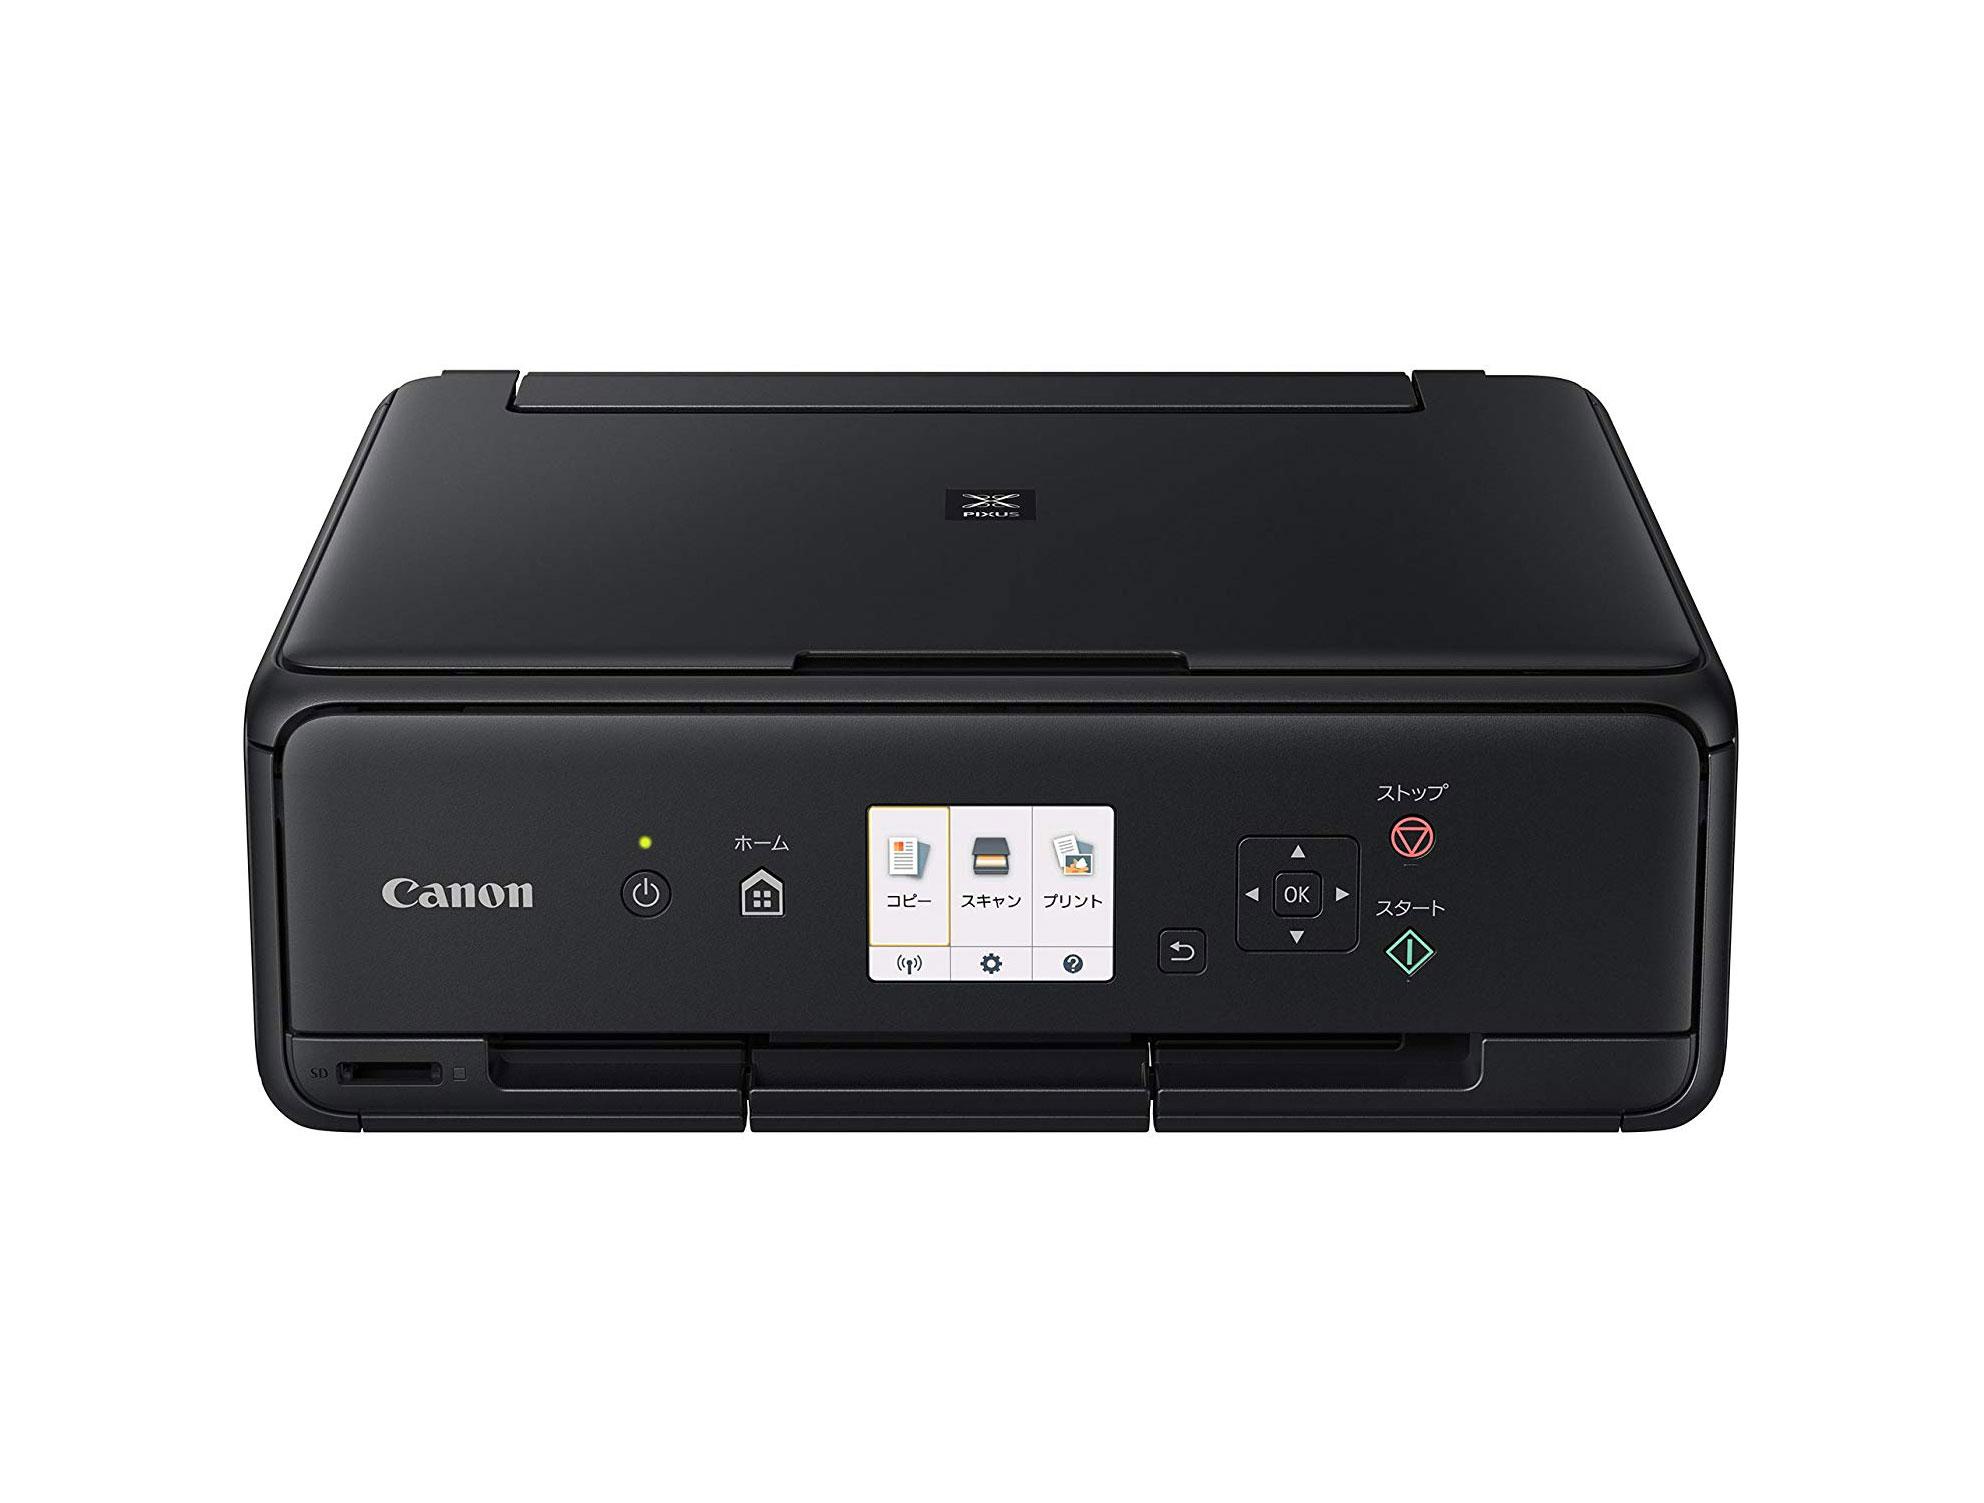 キヤノンフォトプリンターPIXUSTS5030SBKブラック|デジカメカメラスマホ写真画像転送Wi-Fiプリント印刷